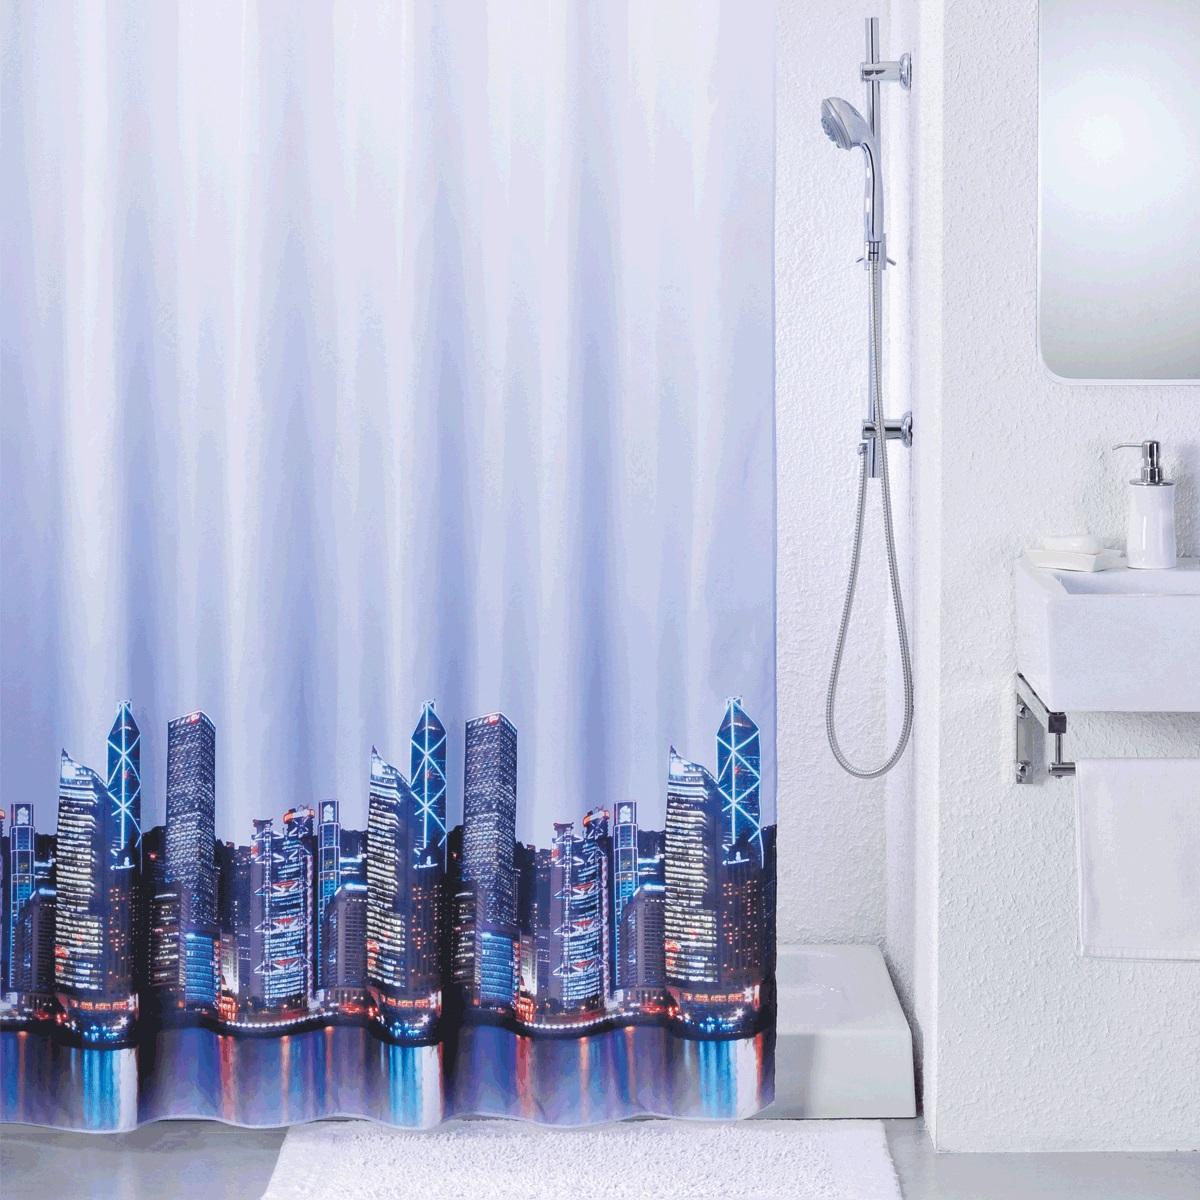 Штора для ванной Iddis City, цвет: фиолетовый, 200 x 240 см210P24RI11Штора для ванной комнаты Iddis выполнена из быстросохнущего материала - 100% полиэстера, что обеспечивает прочность изделия и легкость ухода за ним.Материал шторы пропитан специальным водоотталкивающим составом Waterprof.Изделие изготовлено из экологически-чистого материала, оно обладает высокой степенью гигиеничности, не вызывает аллергических реакций.Штора имеет 12 металлических люверсов. В комплекте: штора и кольца с системой Click.